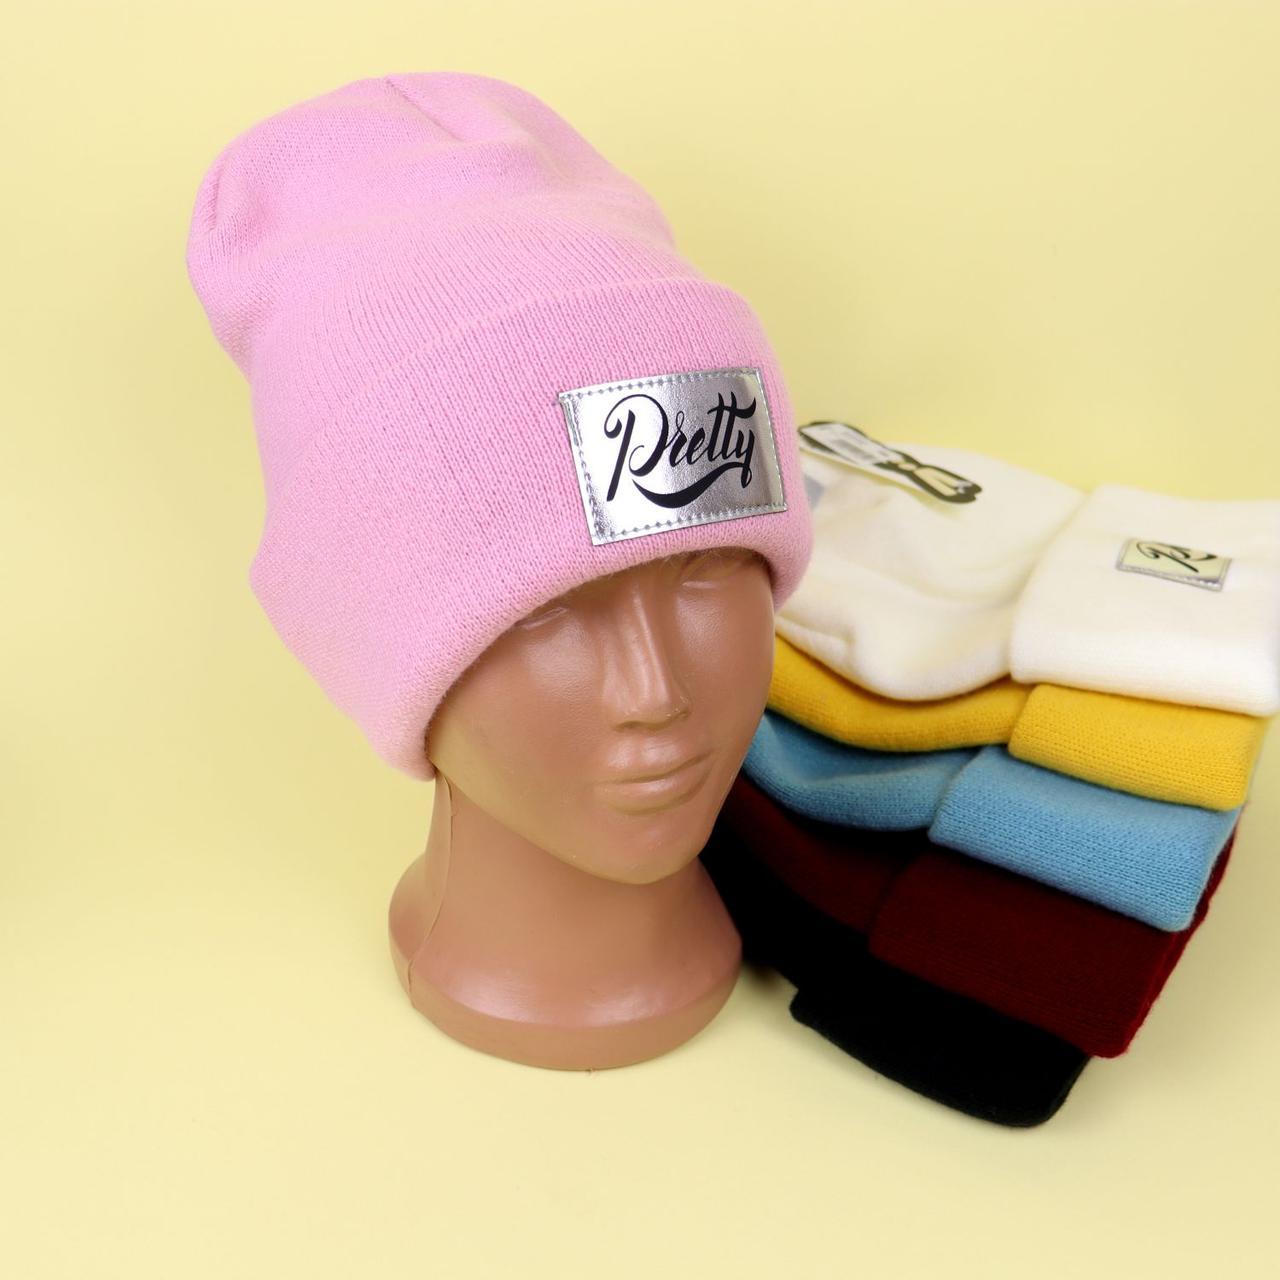 Зимова шапочка для дівчинки Pretty розмір 52-54